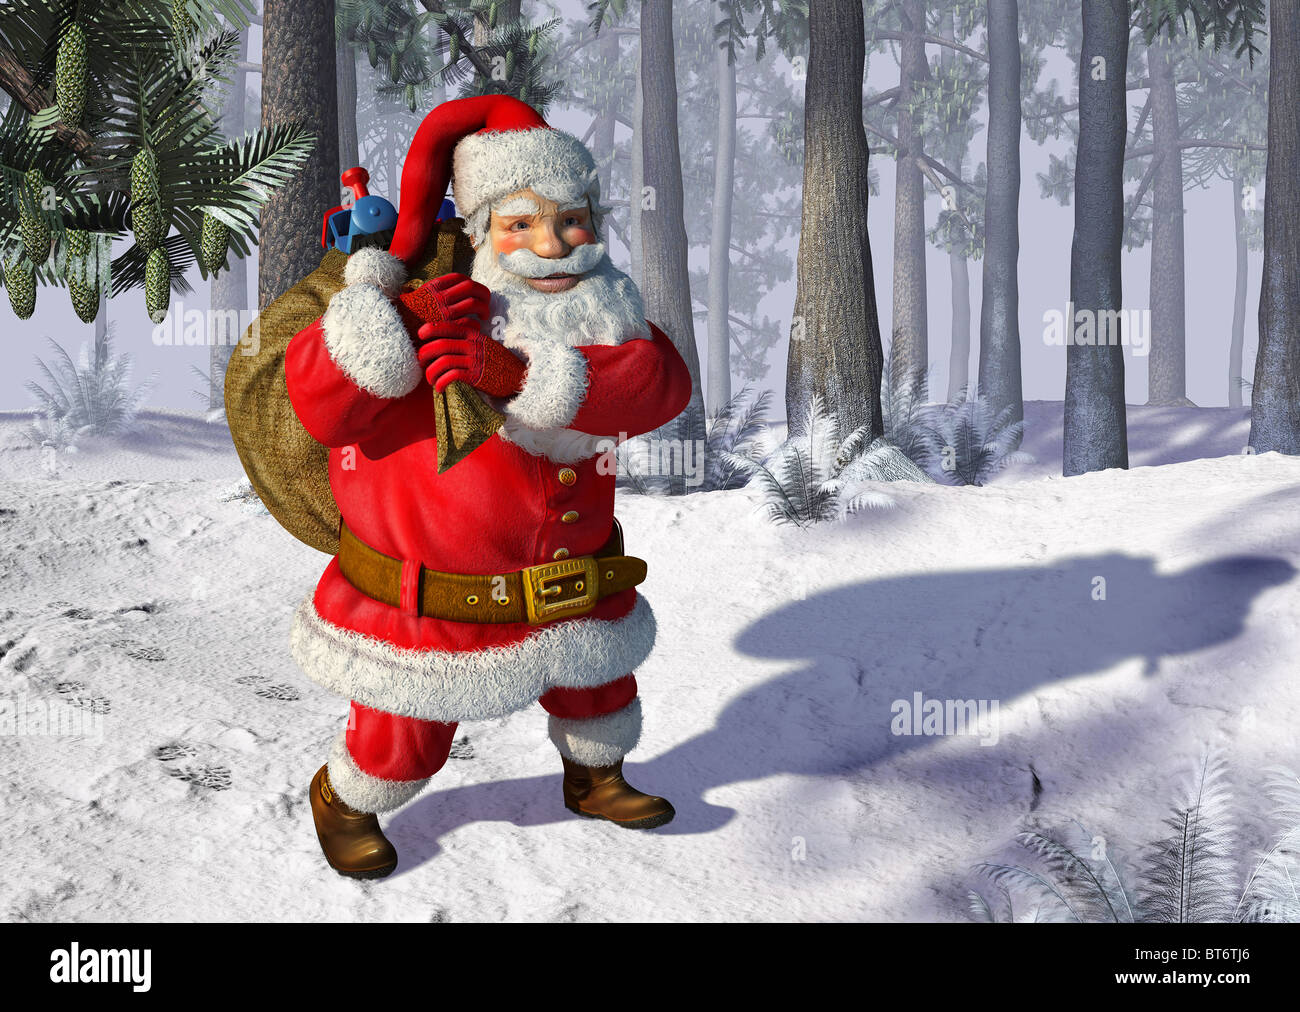 Santa Claus mit Tasche voller Spielsachen, zu Fuß auf einer schneit Landschaft Stockbild